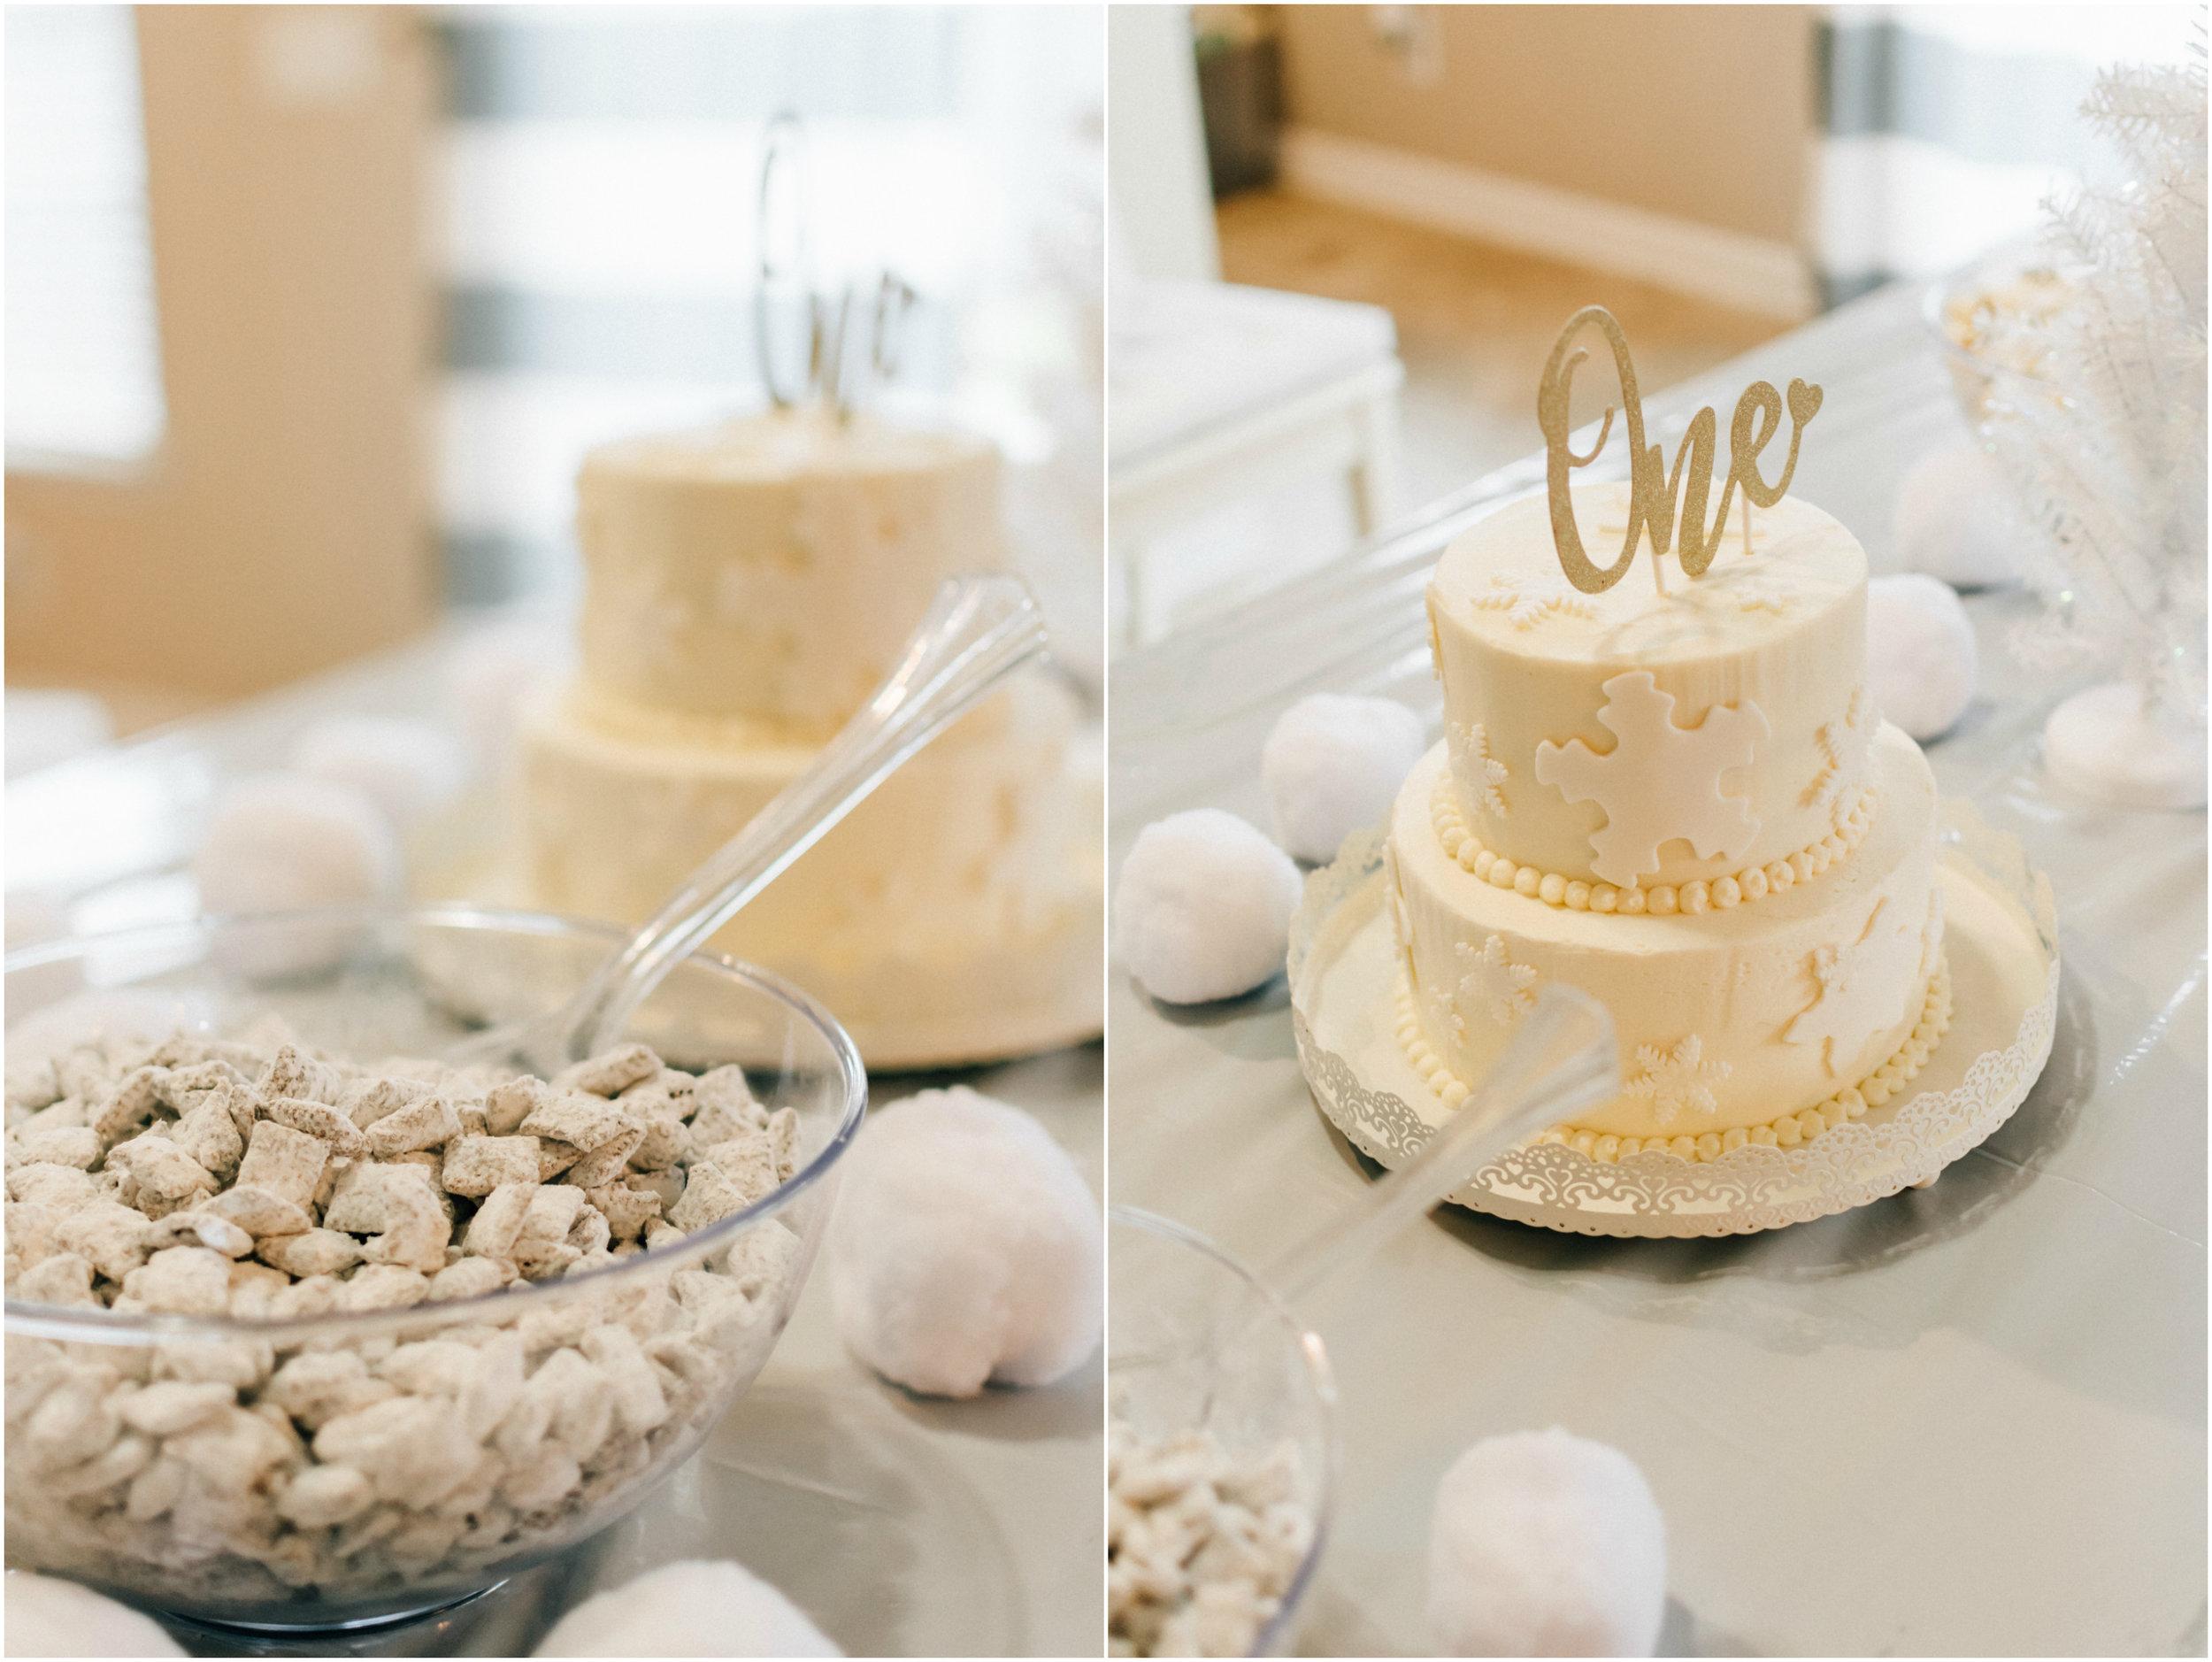 cakechloe.jpg